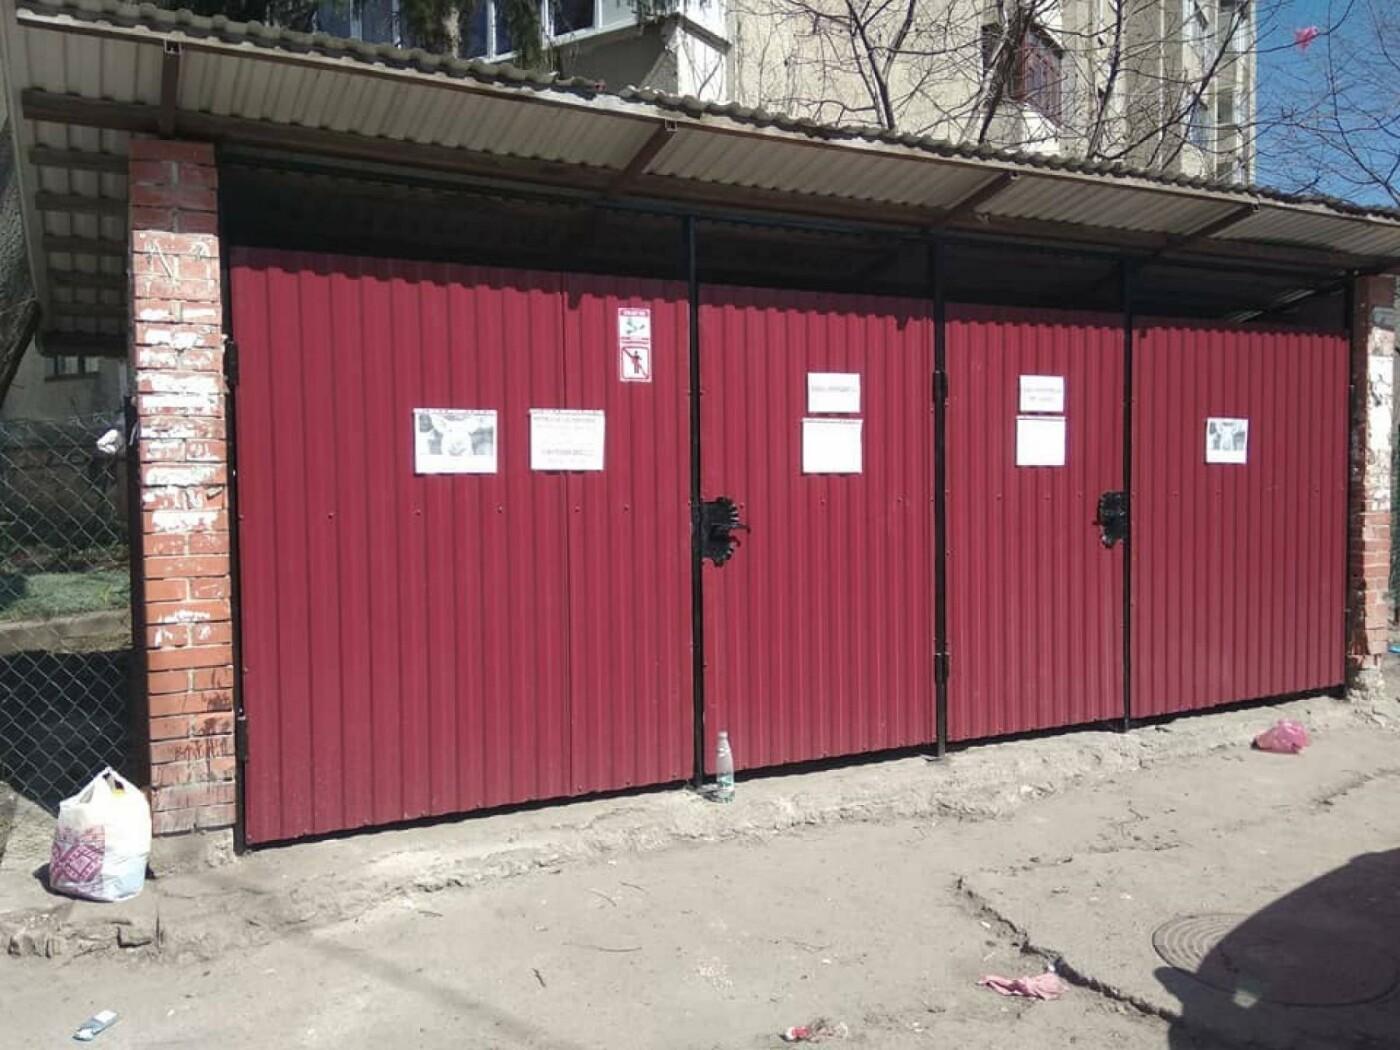 У Тернополі на Новому світі ОСББ закрило сміттєвий майданчик, бо люди перетворили його на сміттєзвалище (ФОТО), фото-2